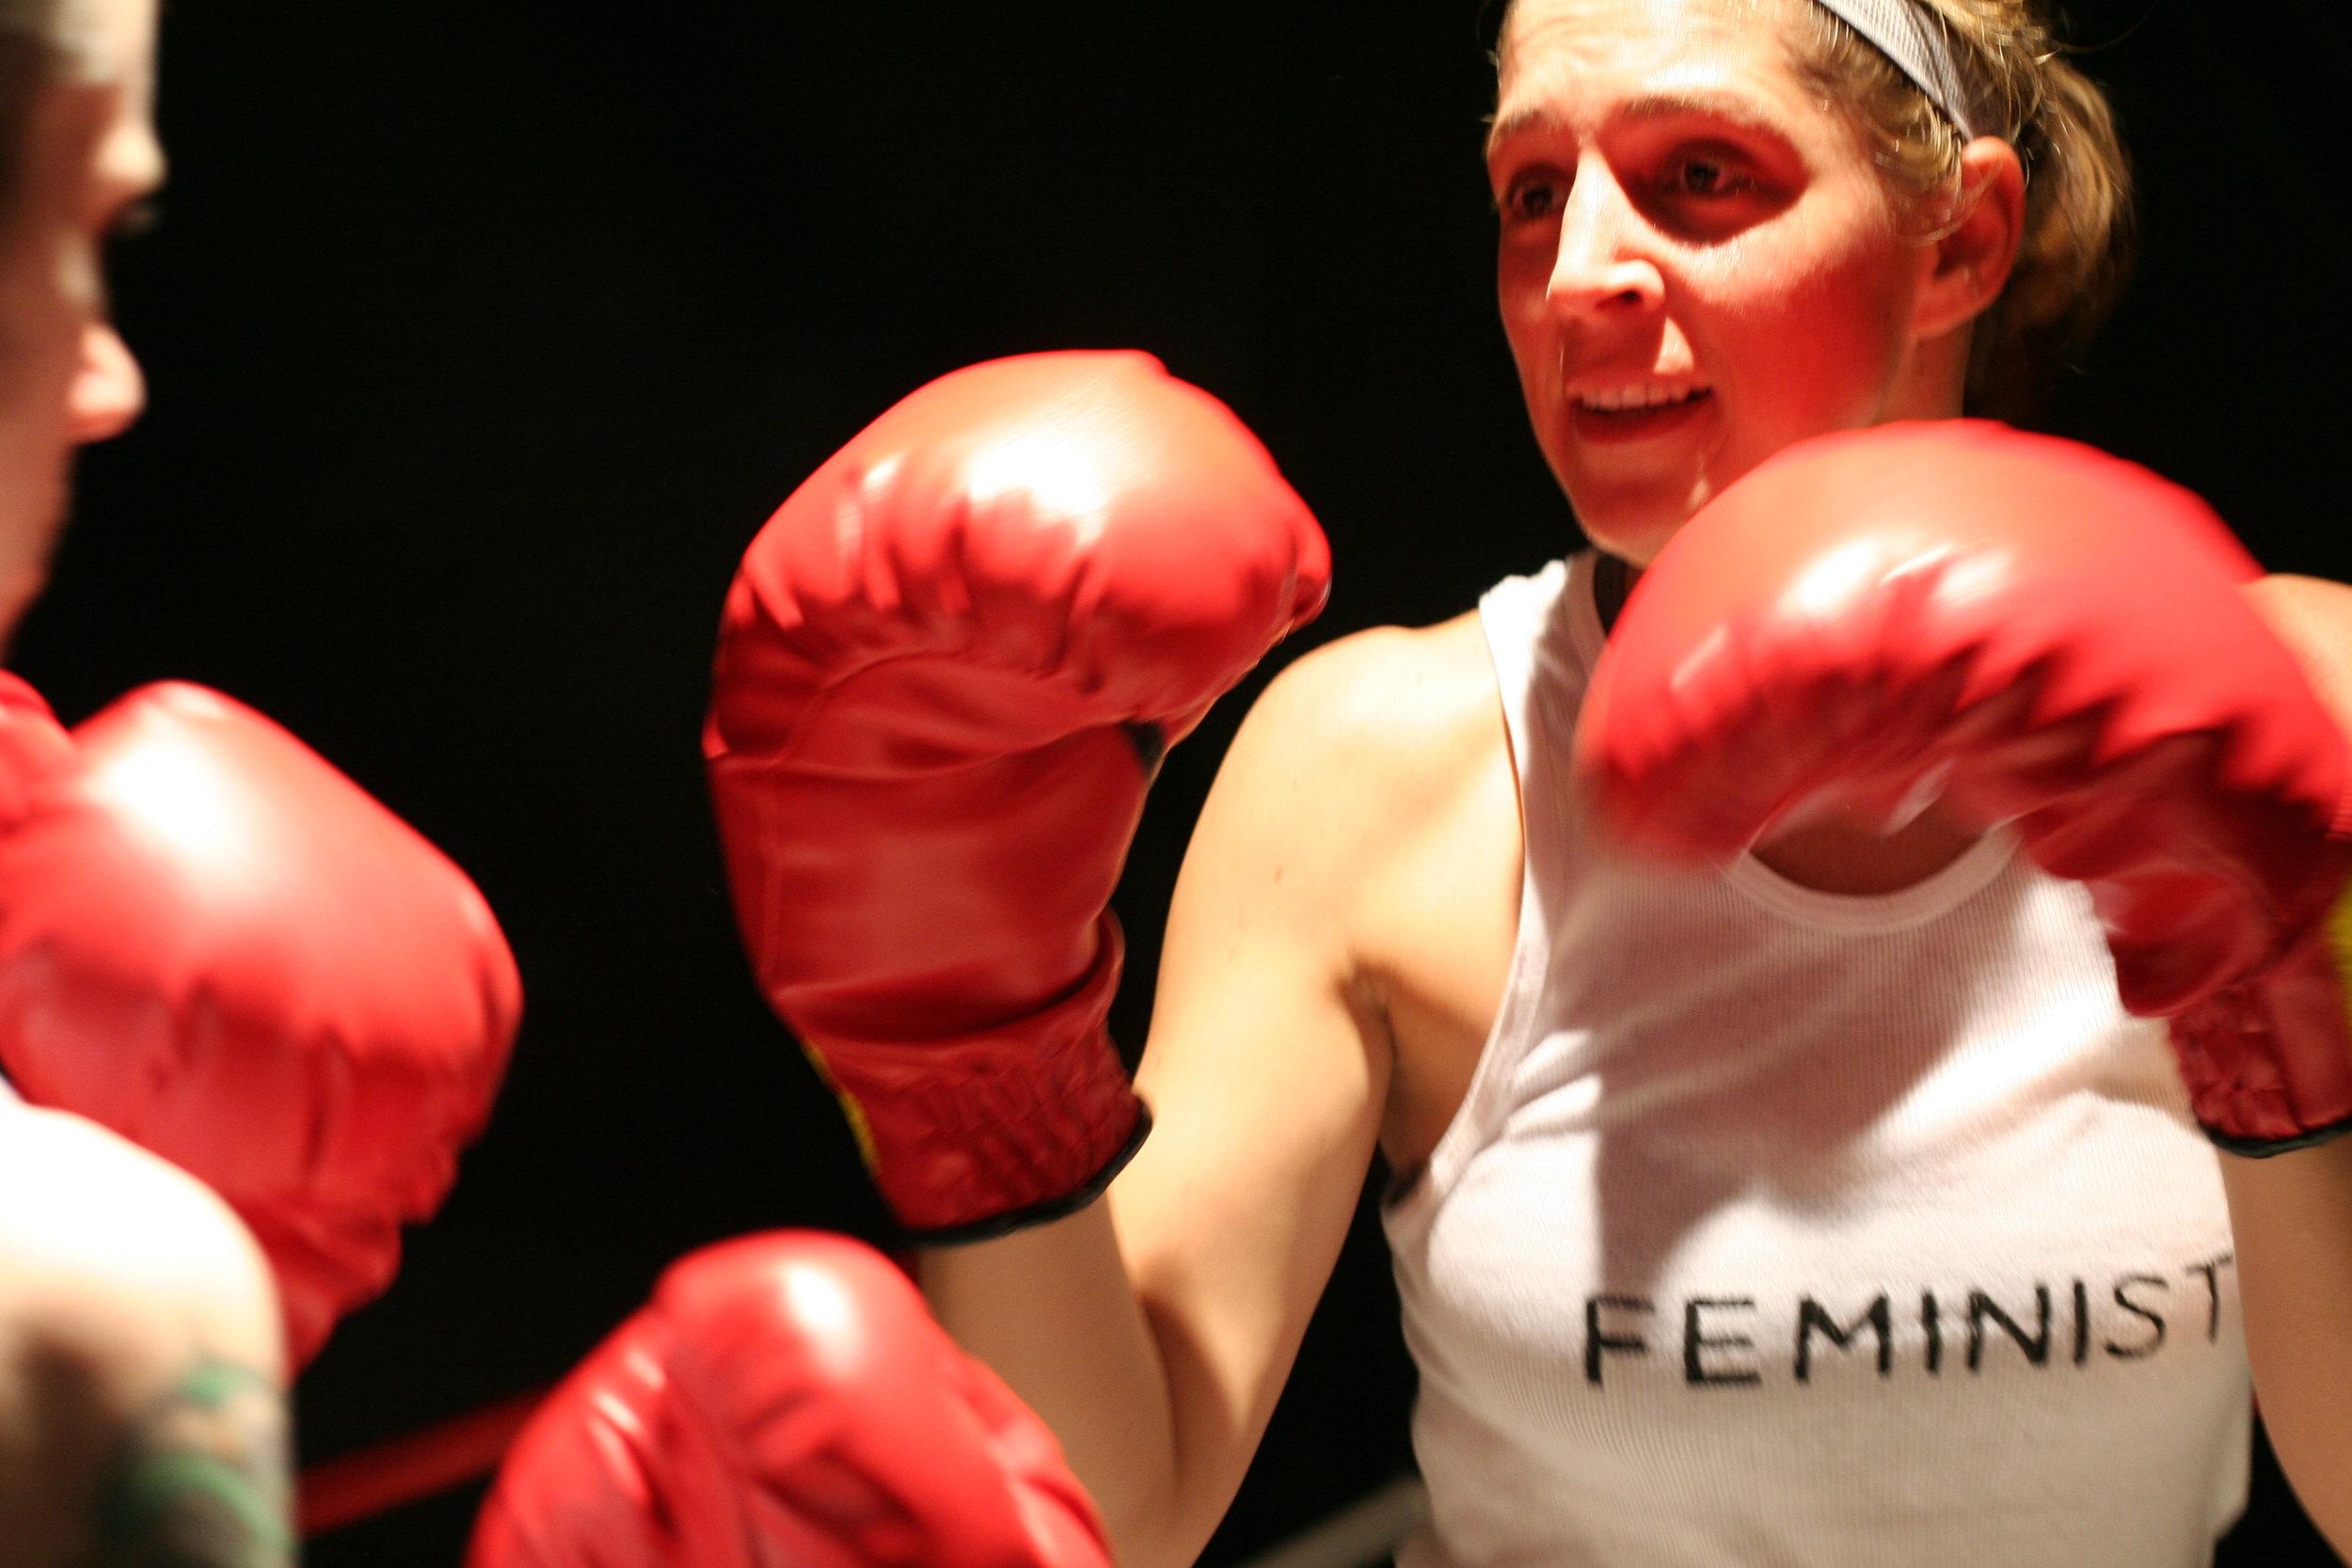 FeministBoxer copy.JPG